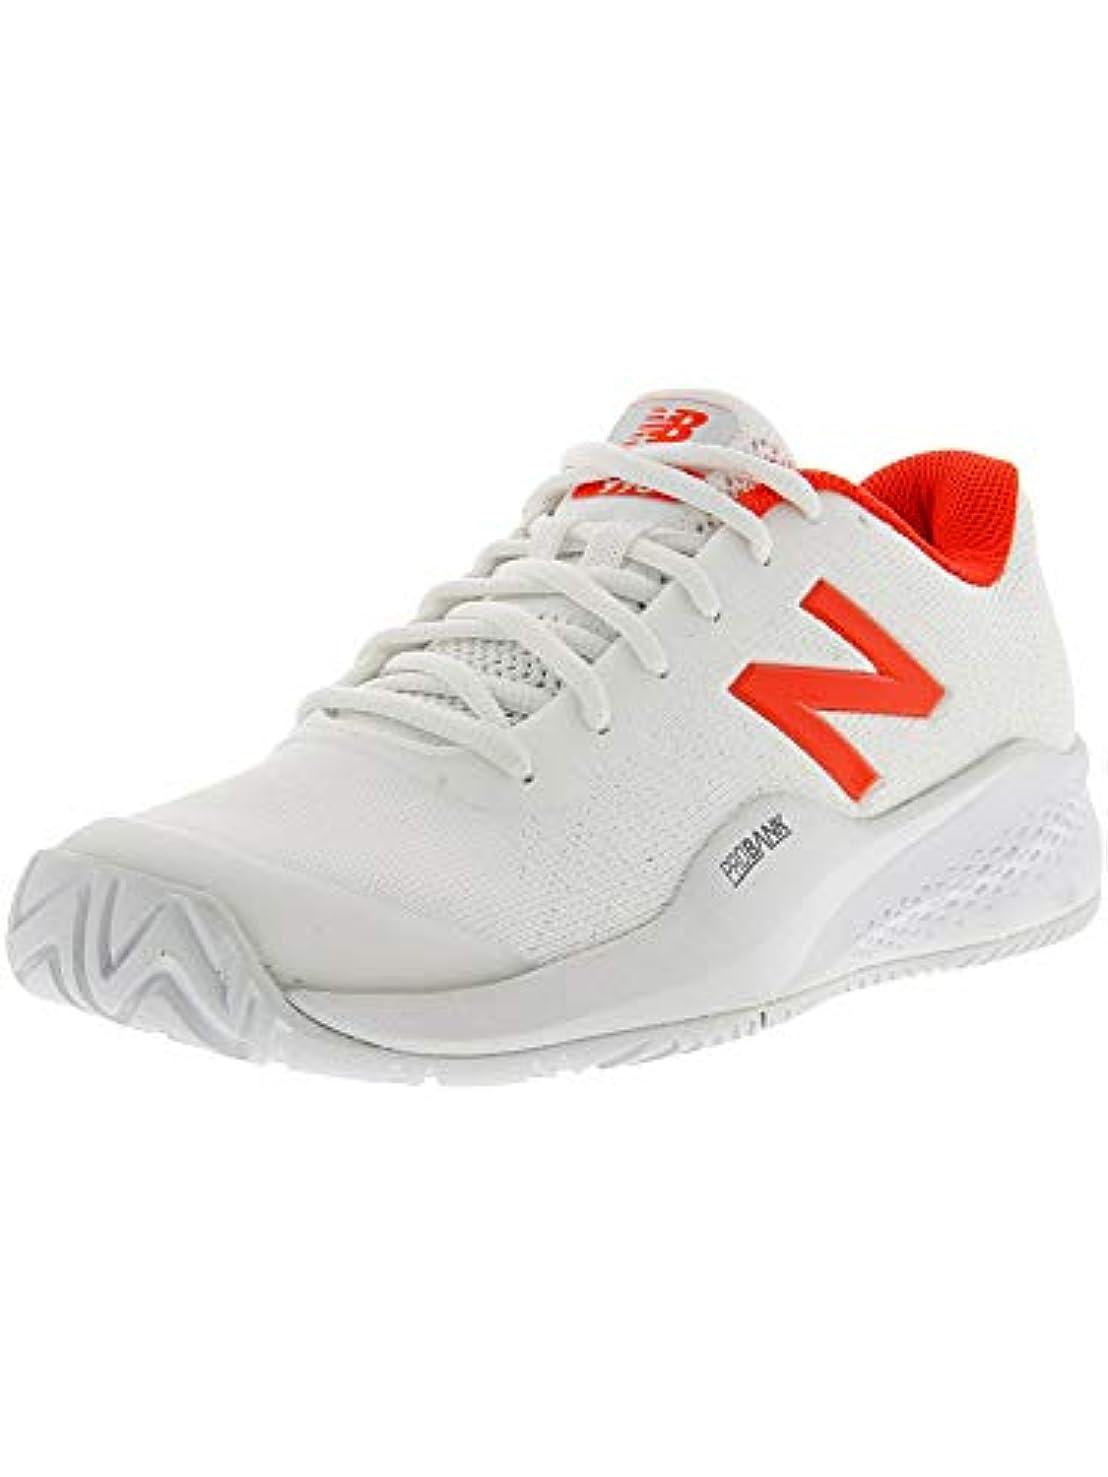 フラッシュのように素早くハンディキャップそれ[ニューバランス] レディース 女性用 シューズ 靴 スニーカー 運動靴 WCH996v3 Tennis - White/Flame [並行輸入品]